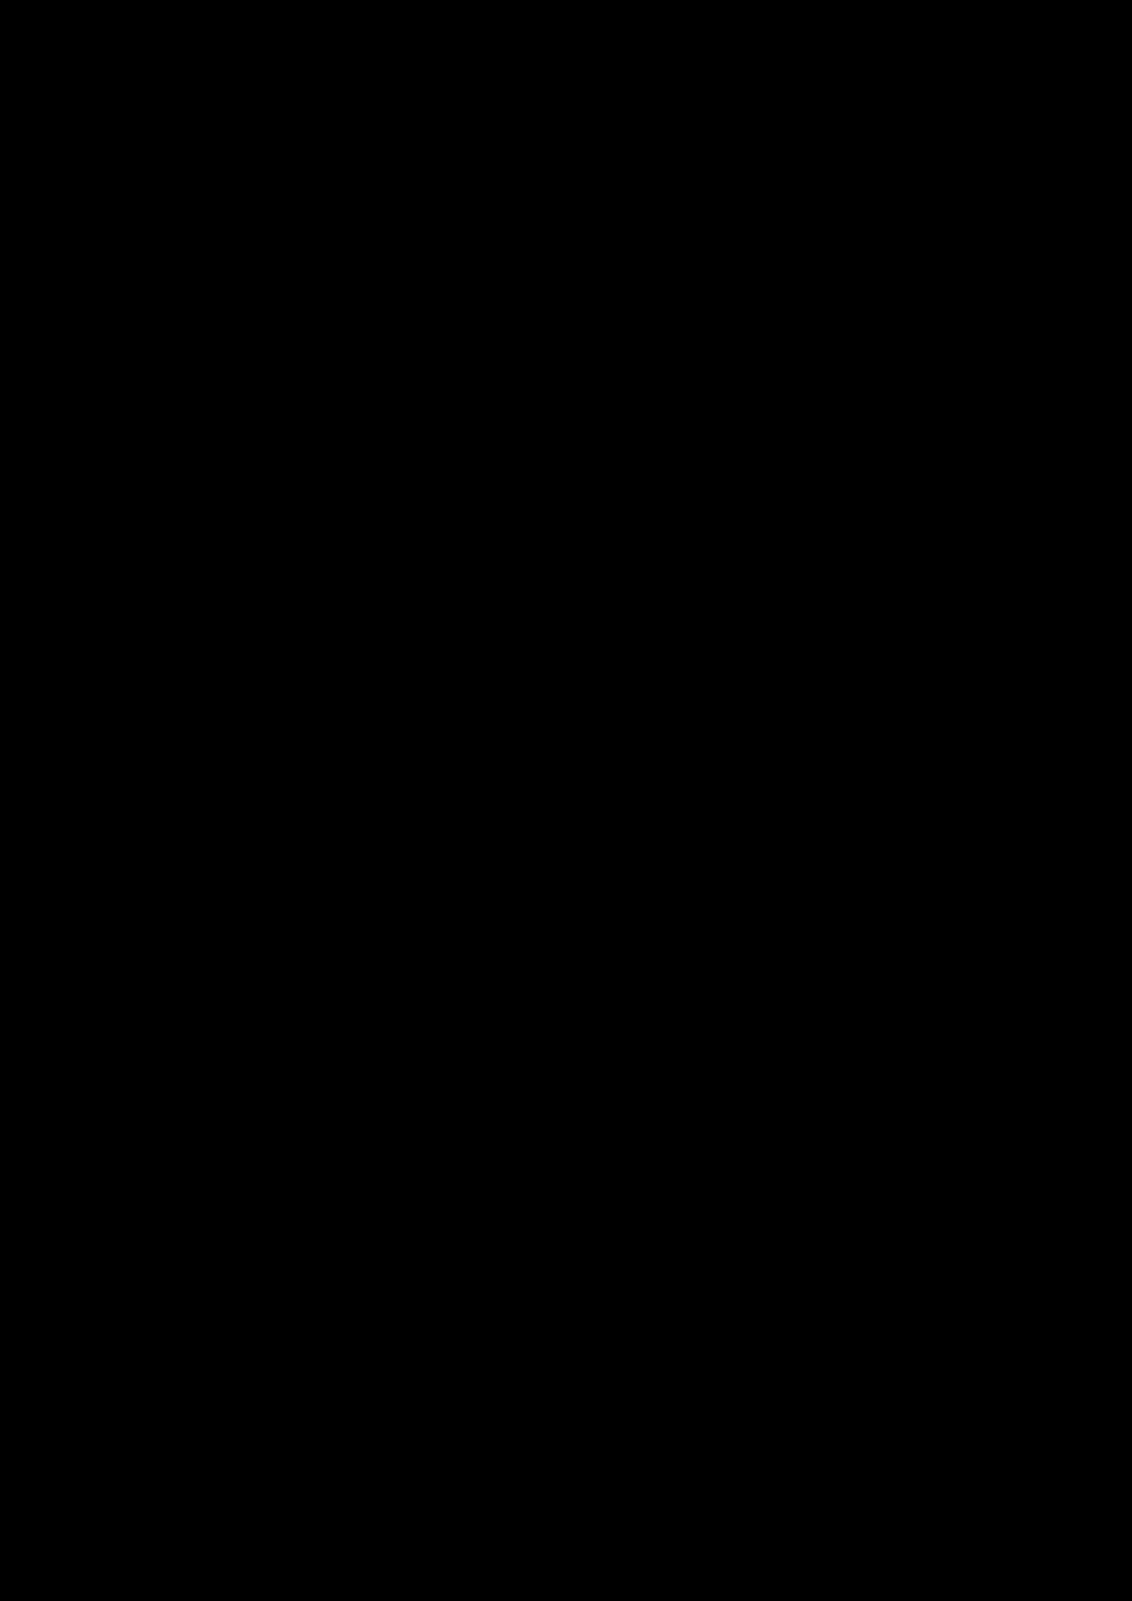 Serdtse slide, Image 78